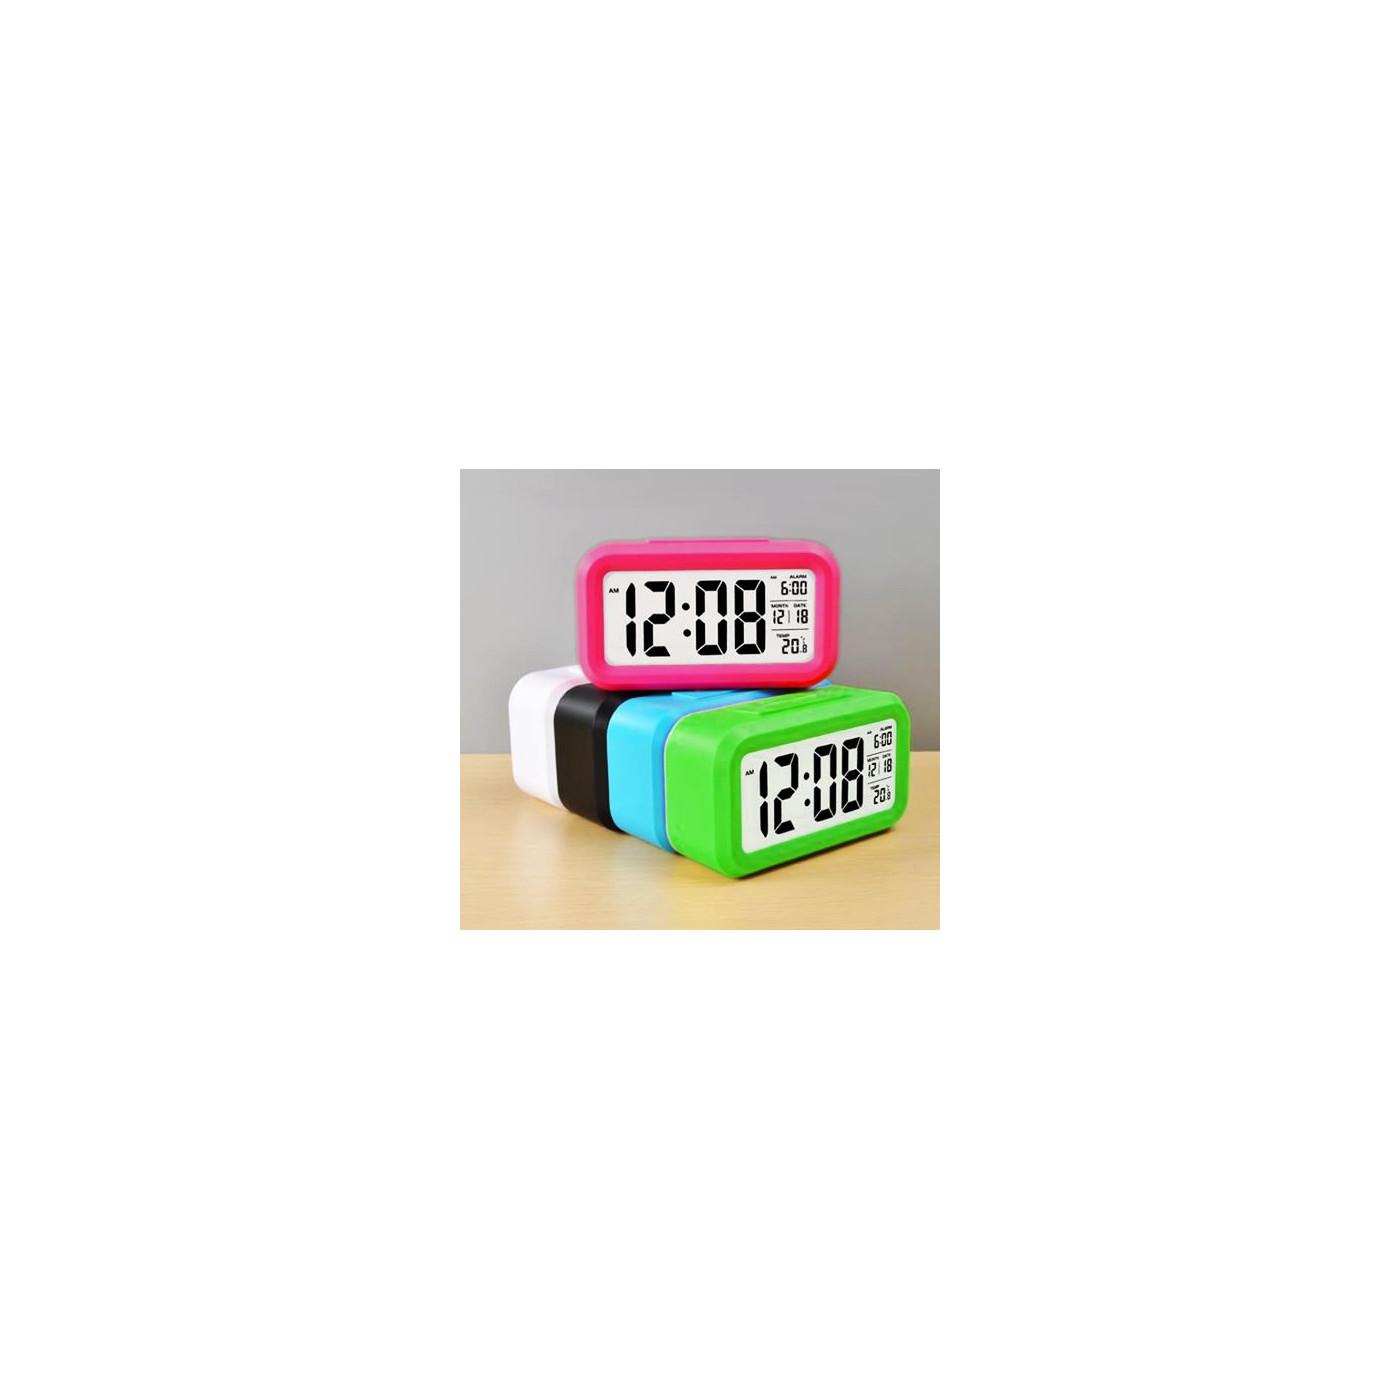 Moderne Uhr in fröhlicher Farbe: pink  - 1